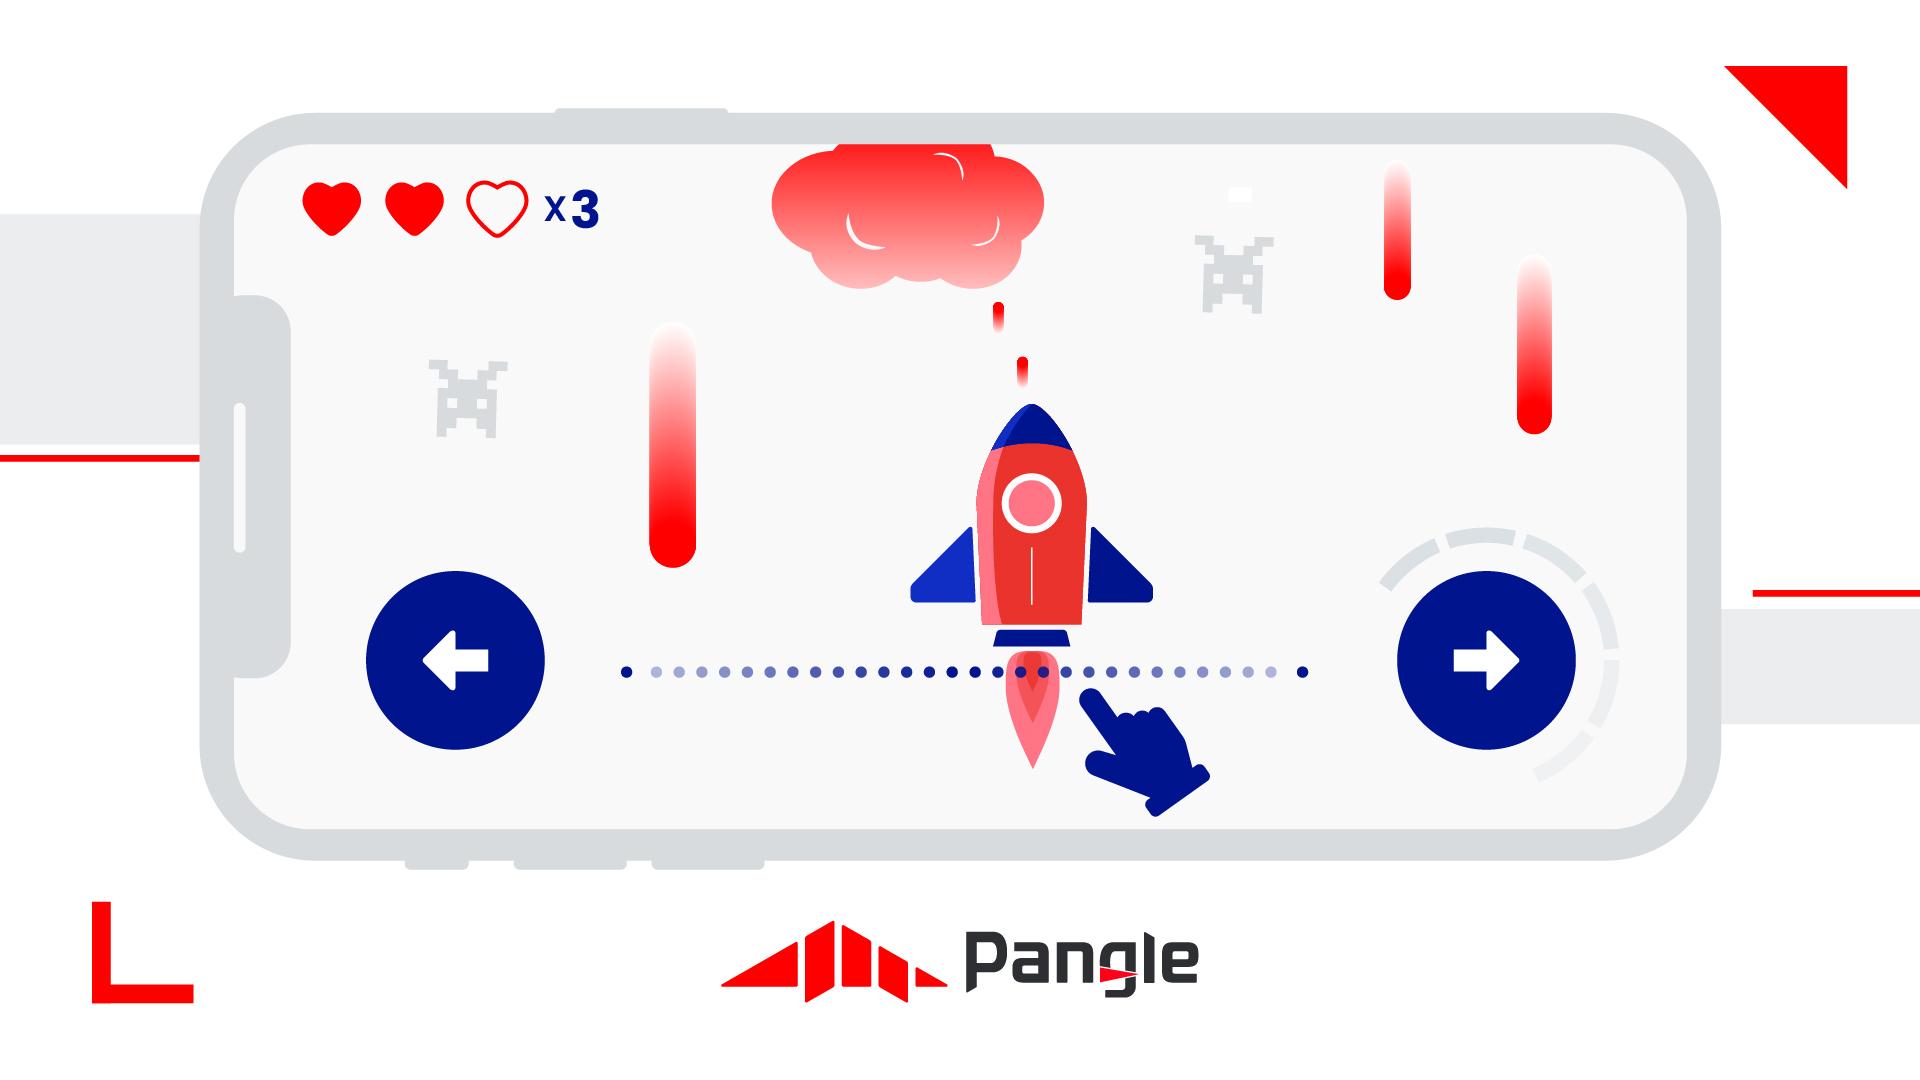 Pangle プレイアブル広告:新たなアセットで収益を増加